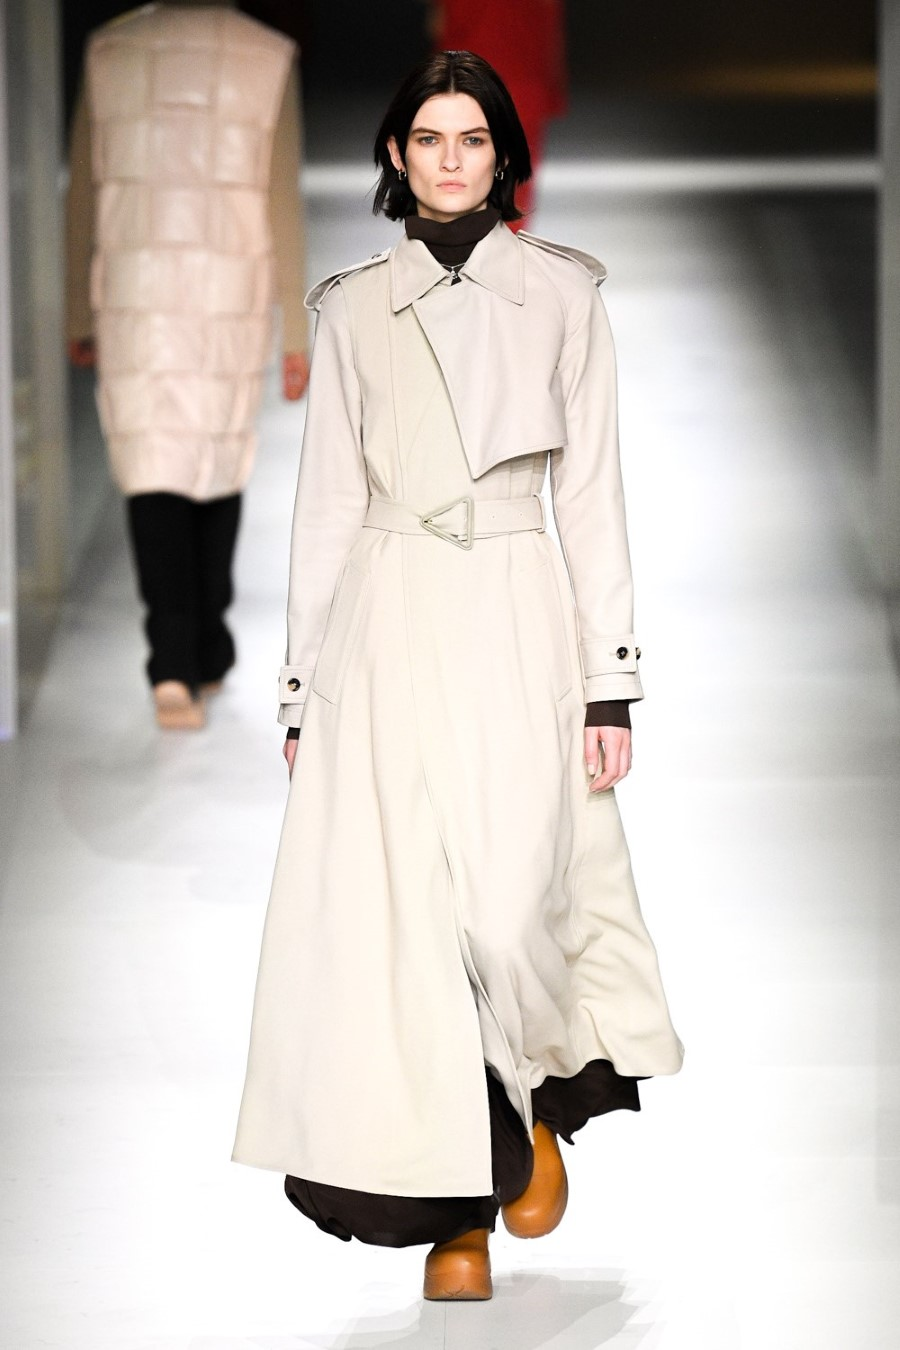 Bottega Veneta - Fall Winter 2020 - Milan Fashion Week